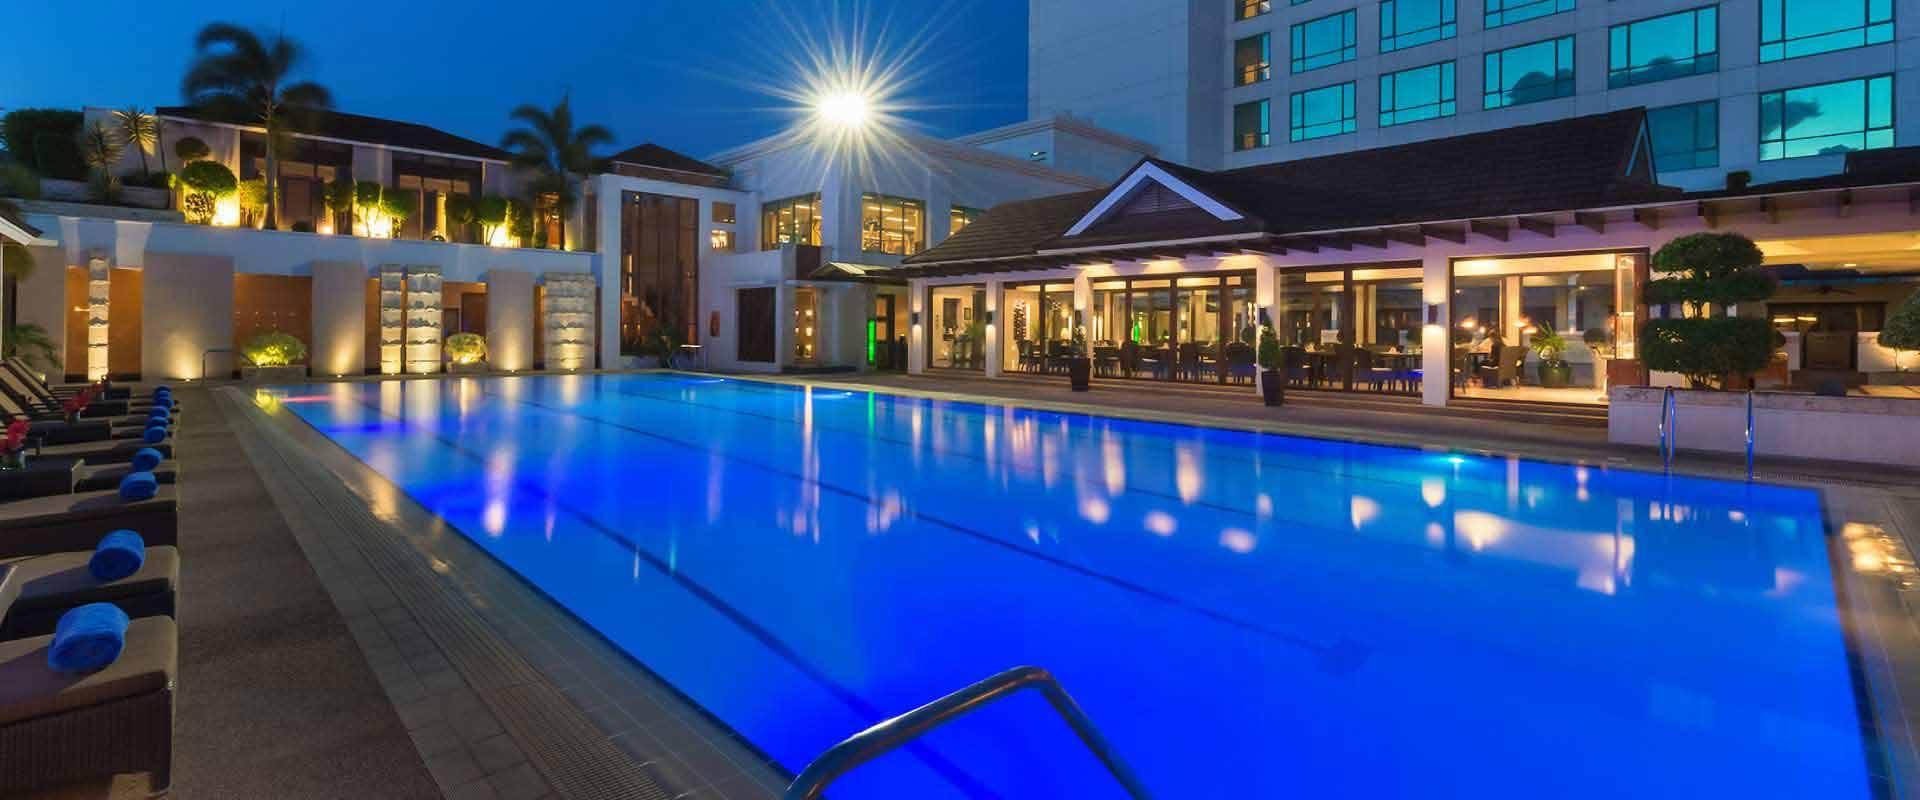 Minadanao davao hotel swimming pool marco polo davao for Swimming pool hotel